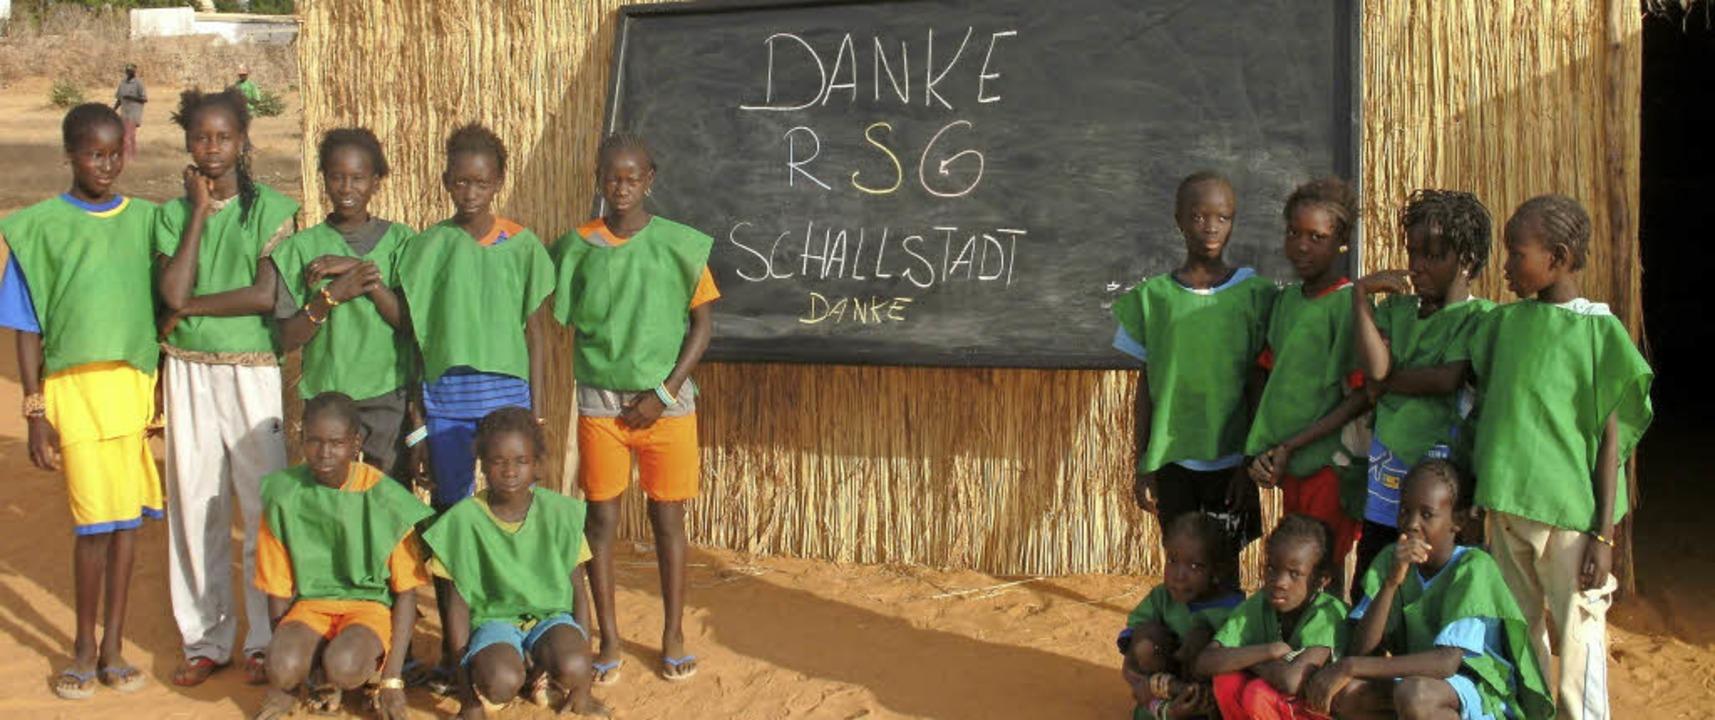 Schüler im Senegal bedanken sich für die Unterstützung aus Schallstadt.    Foto: privat